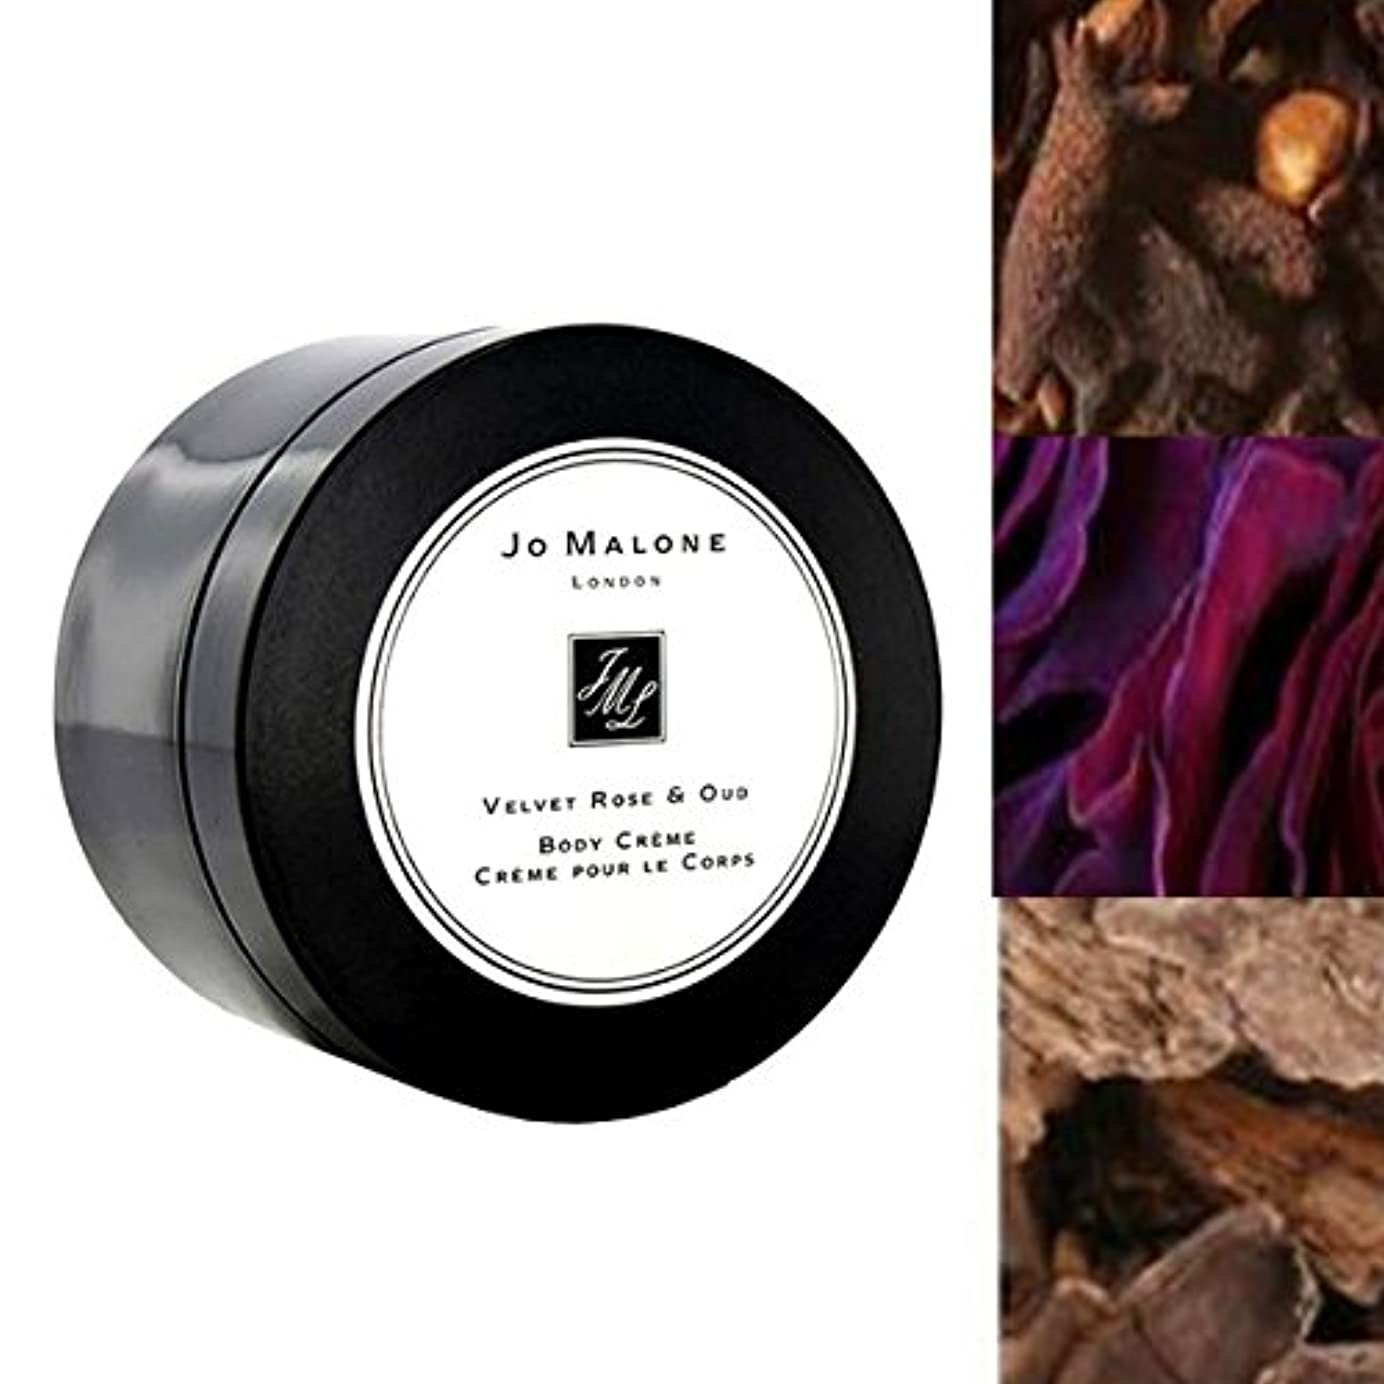 むしゃむしゃペンダント相談するJo Malone London ジョーマローン, Velvet Rose & Oud Body Crème (5.9 oz.)[海外直送品] [並行輸入品]